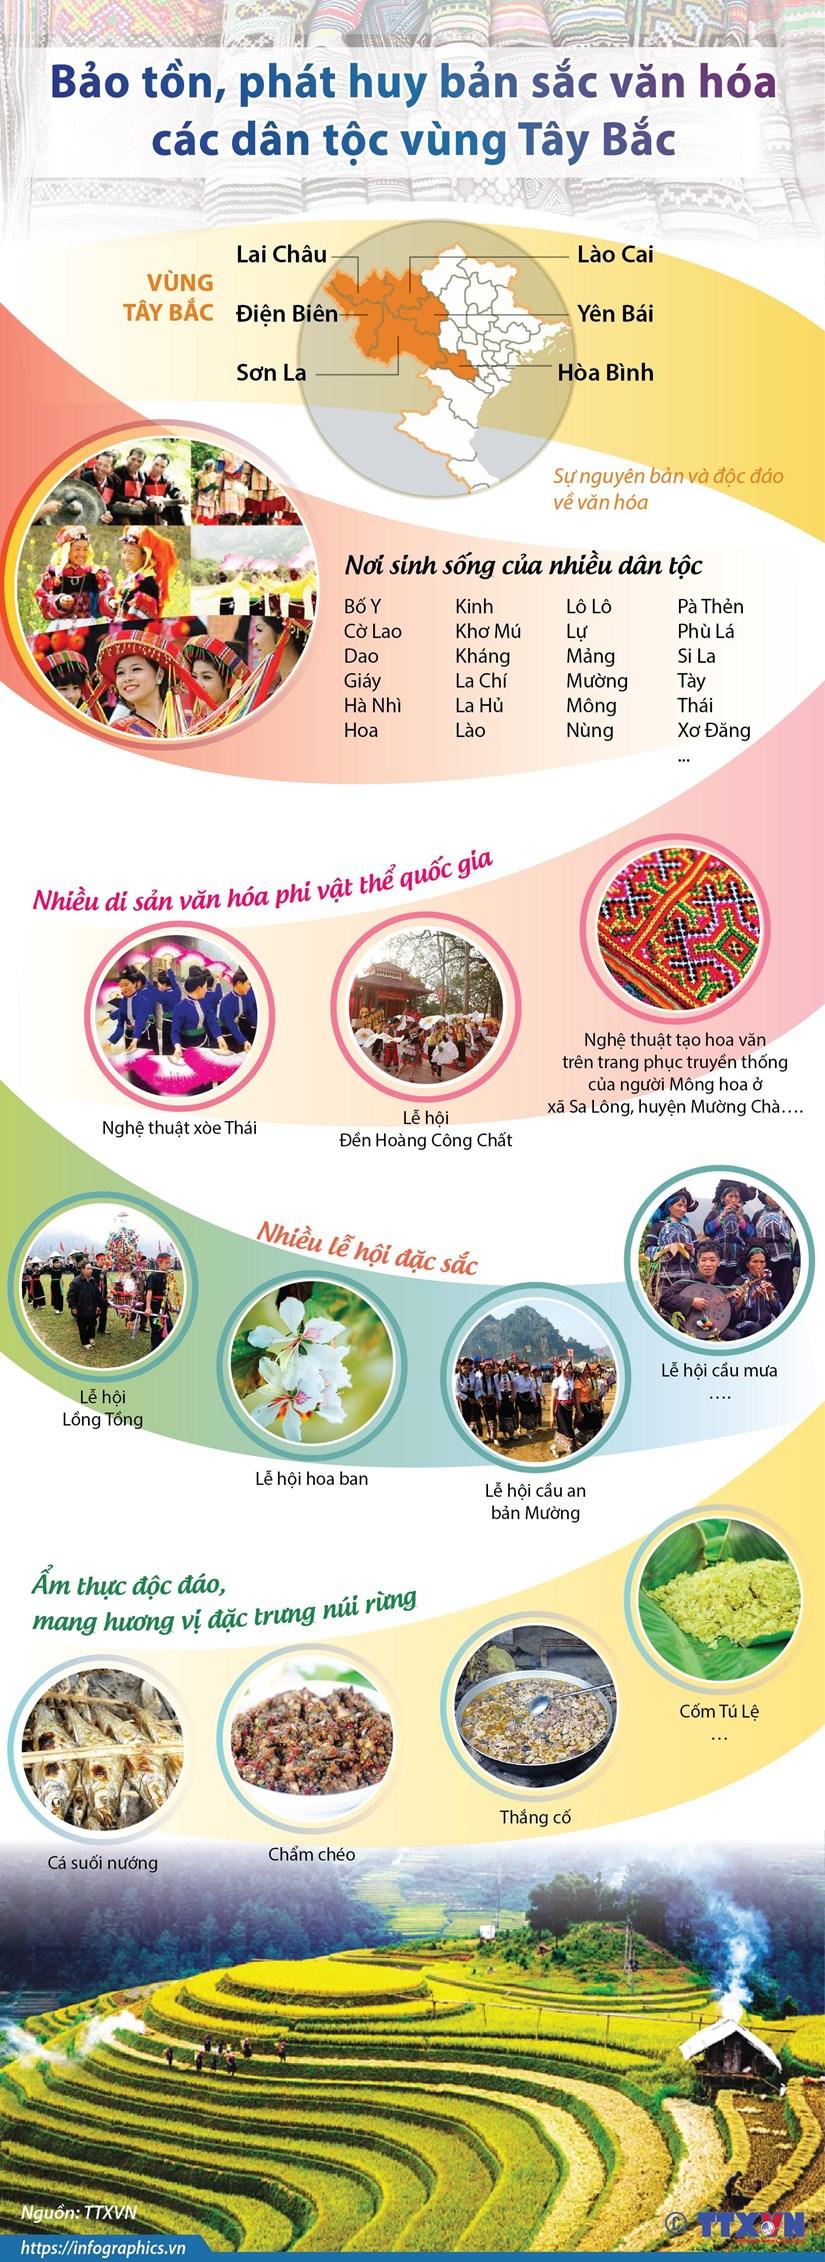 [Infographics] Bao ton, phat huy ban sac van hoa cac dan toc Tay Bac hinh anh 1